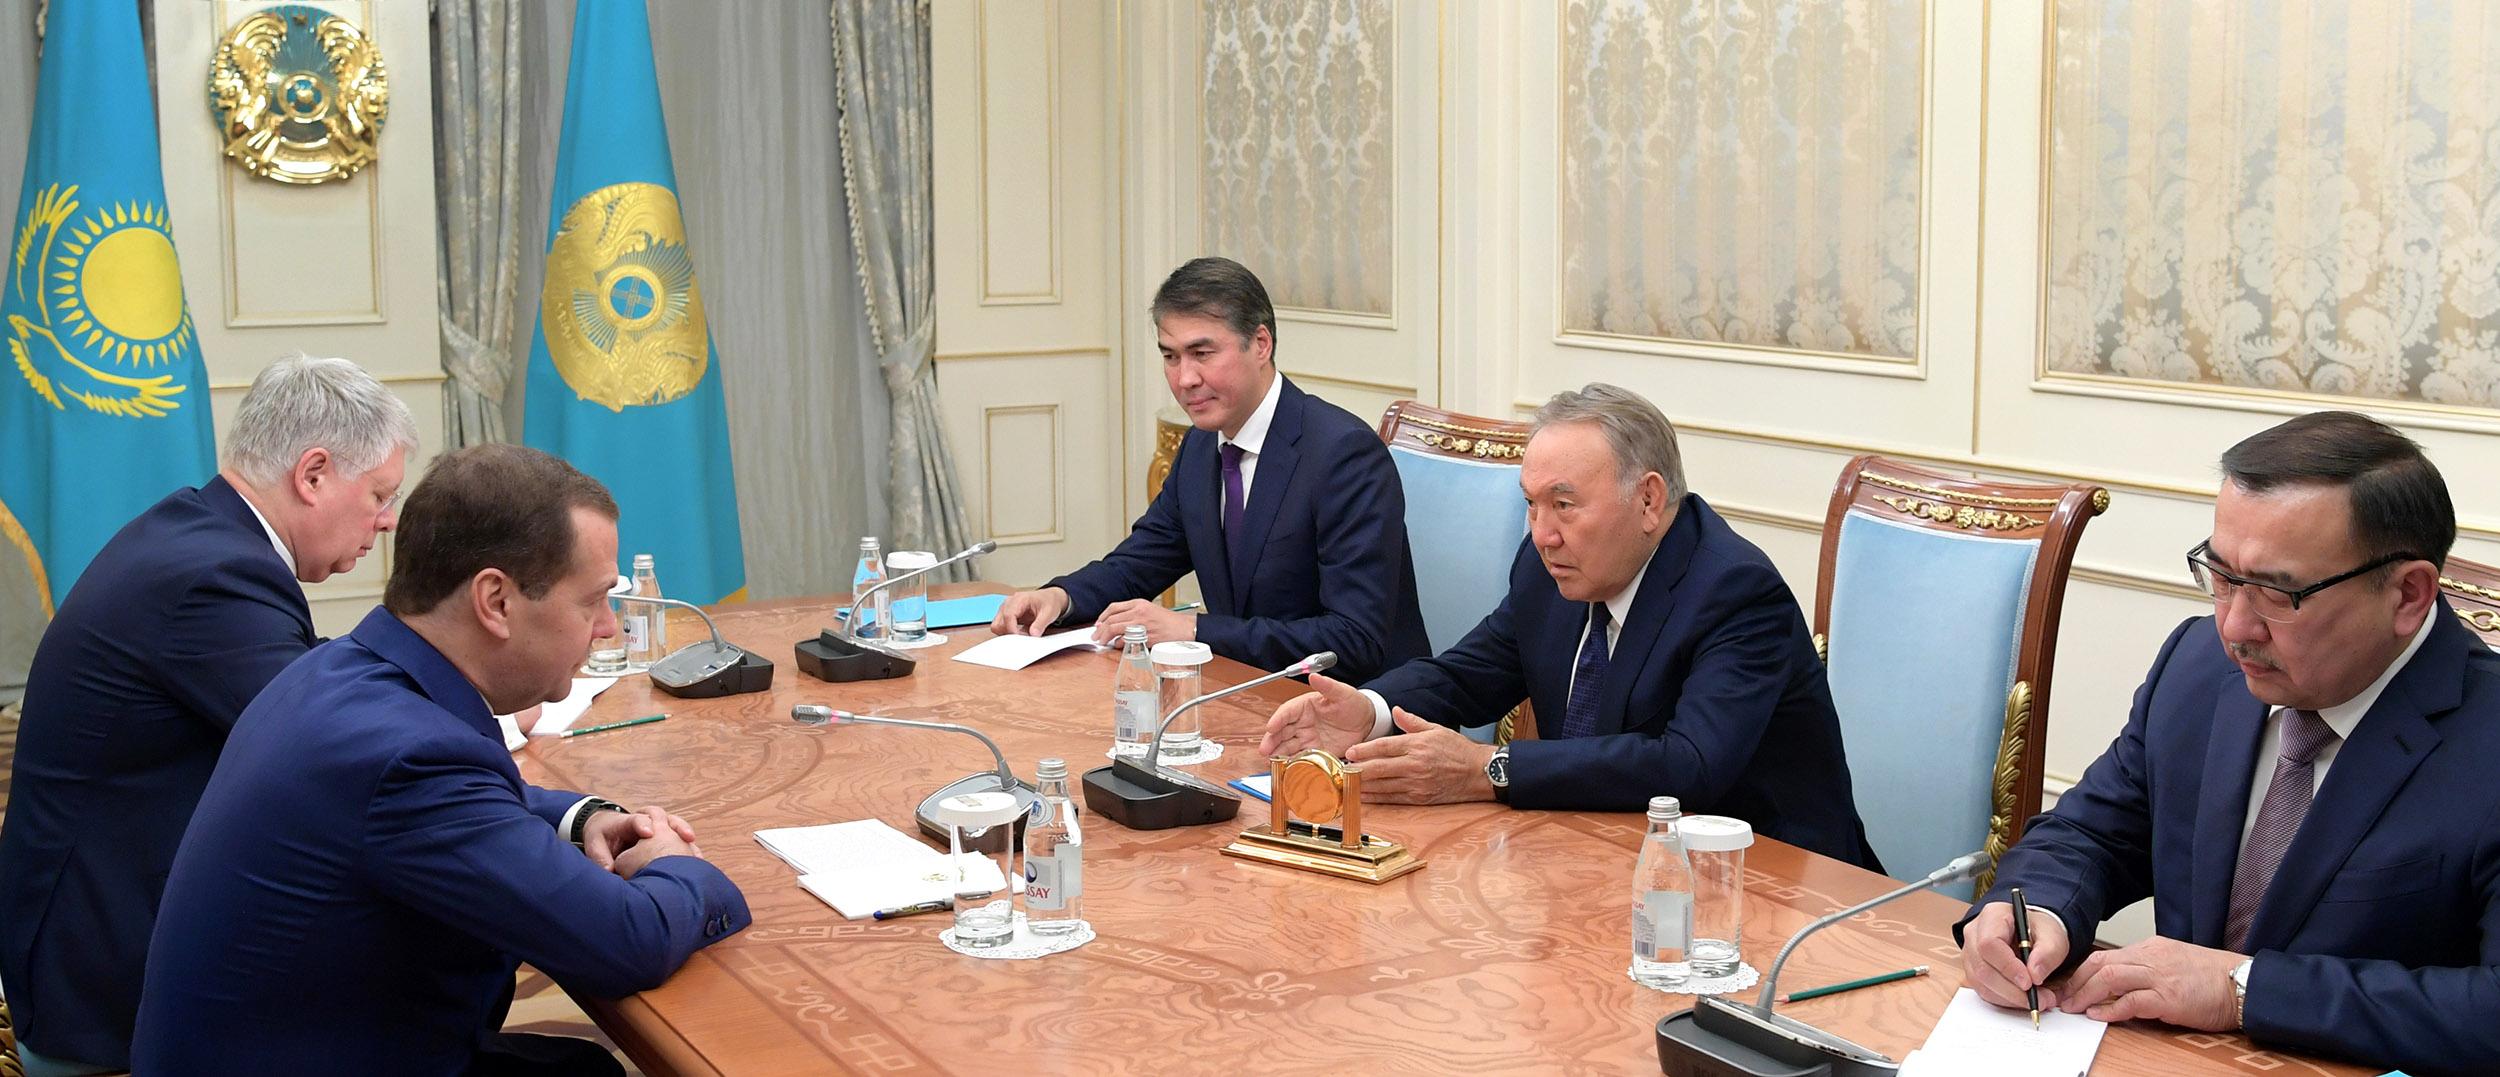 Нурсултан Назарбаев назвал отношения с Россией образцовыми